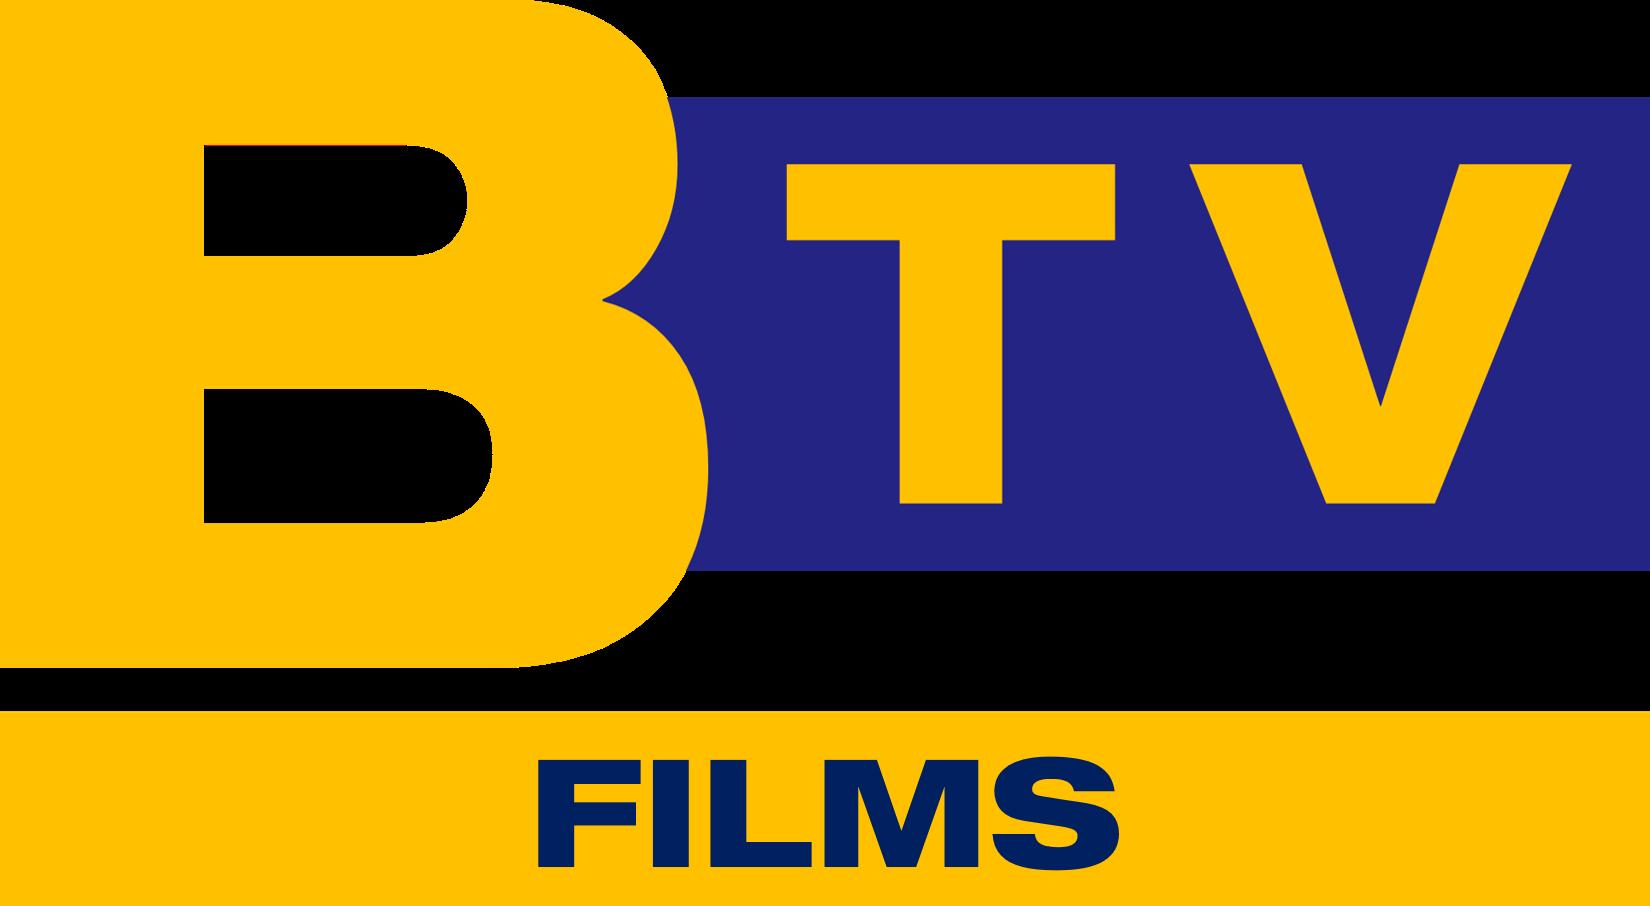 BTV Films